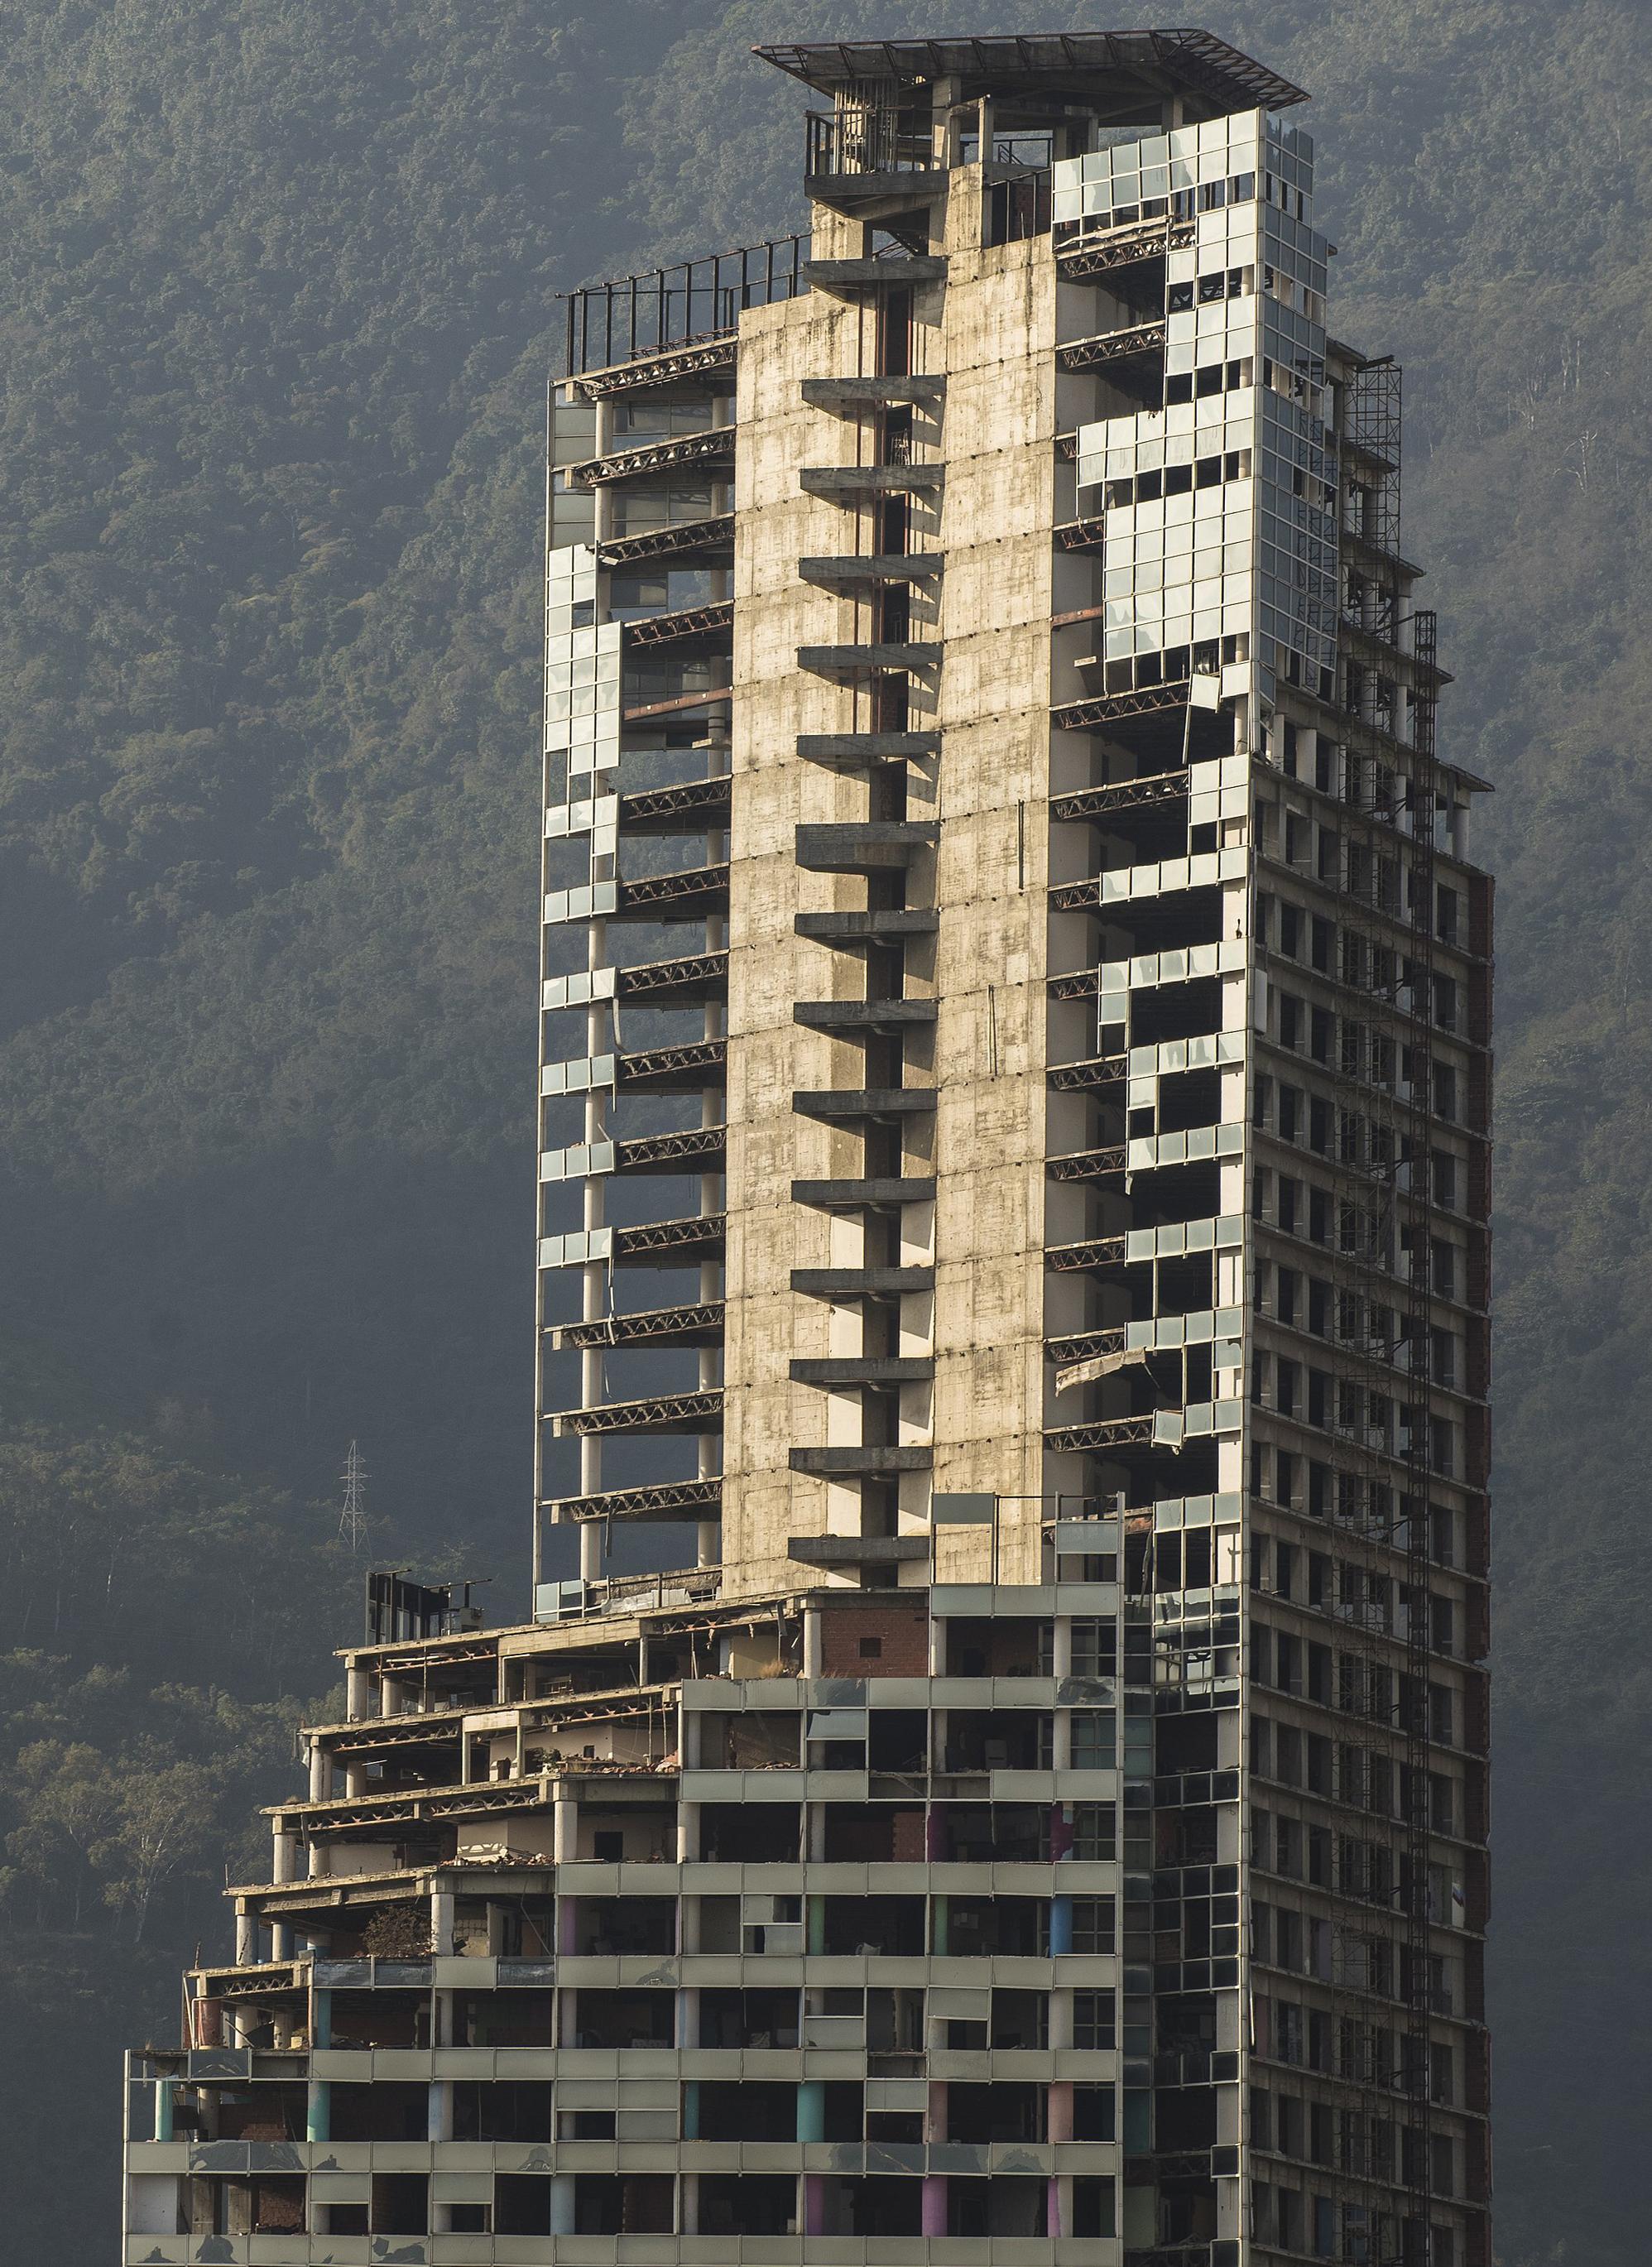 Torre_de_David_-_Centro_Financiero_Confinanzas.jpg